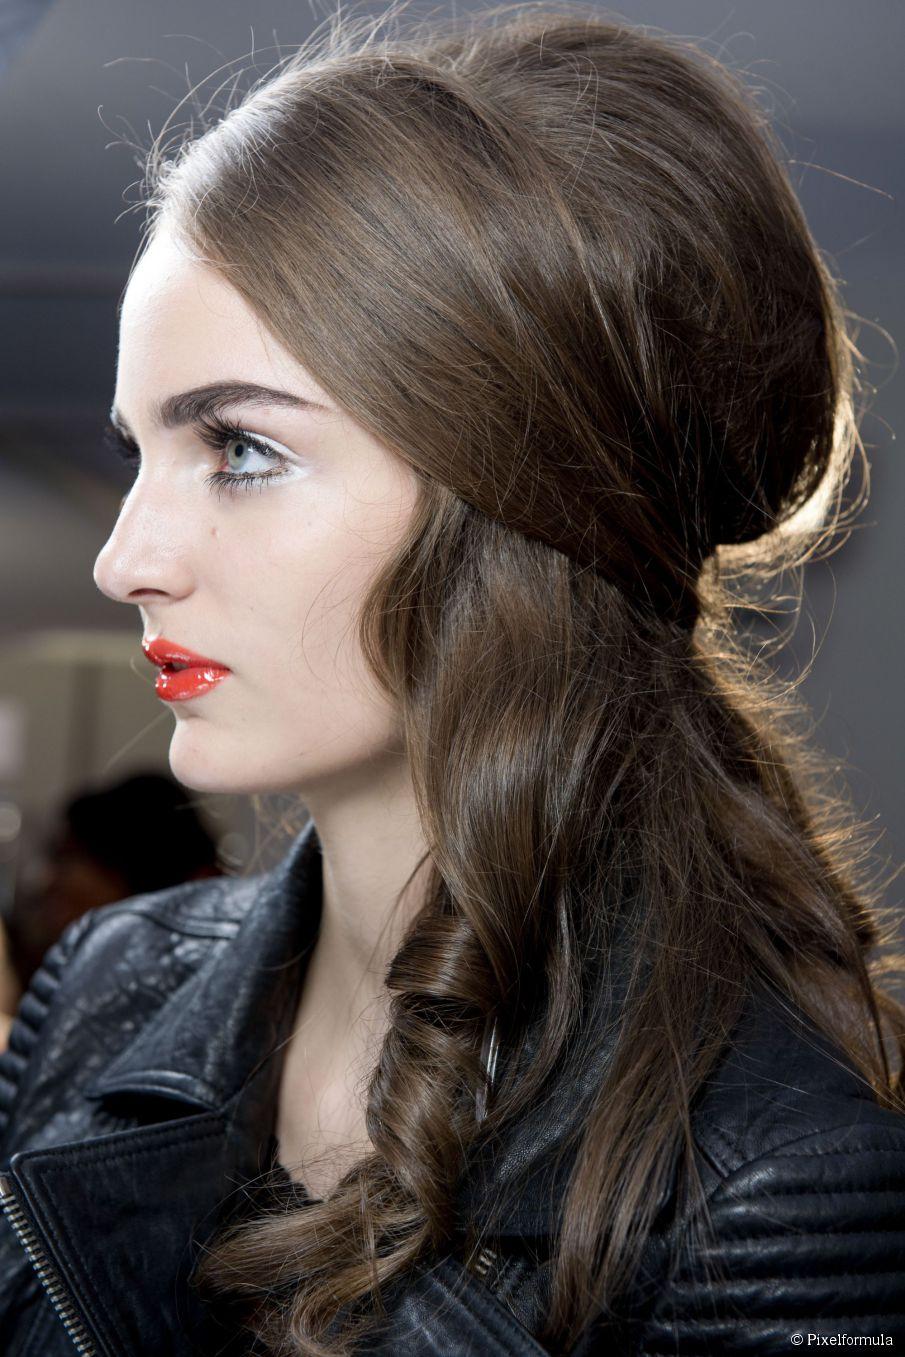 Einfach schick: 10 Half-Up-Frisuren zum Probieren